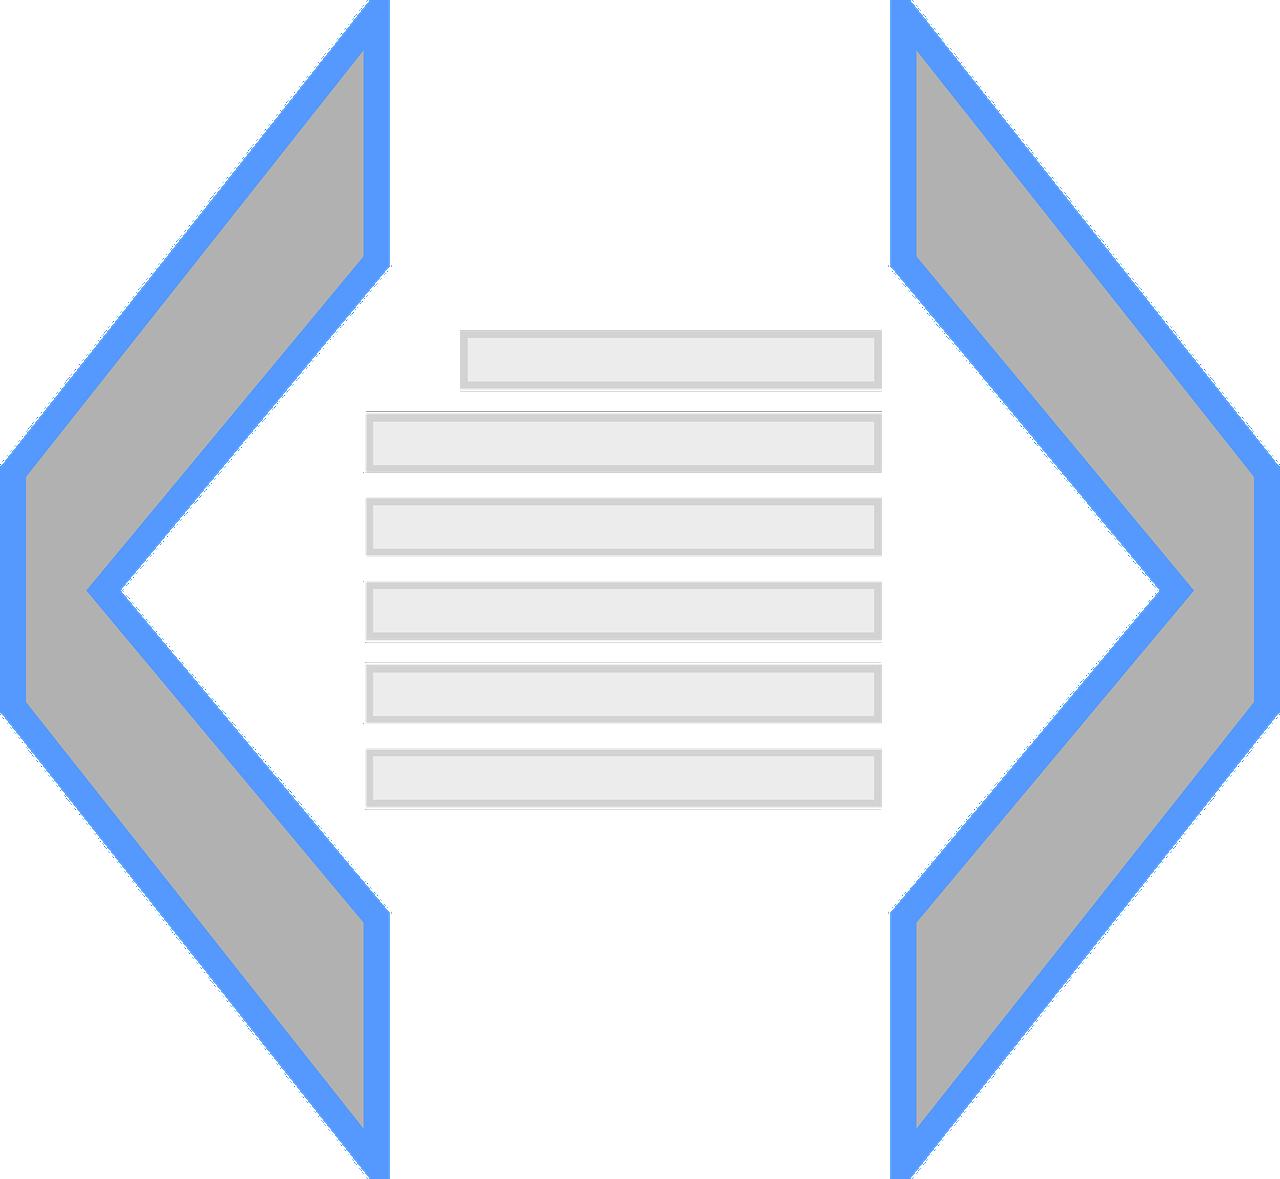 HappyWeb.ro | Dezvoltare web | Generare feeduri produse | Design web, dezvoltare web, marketing online